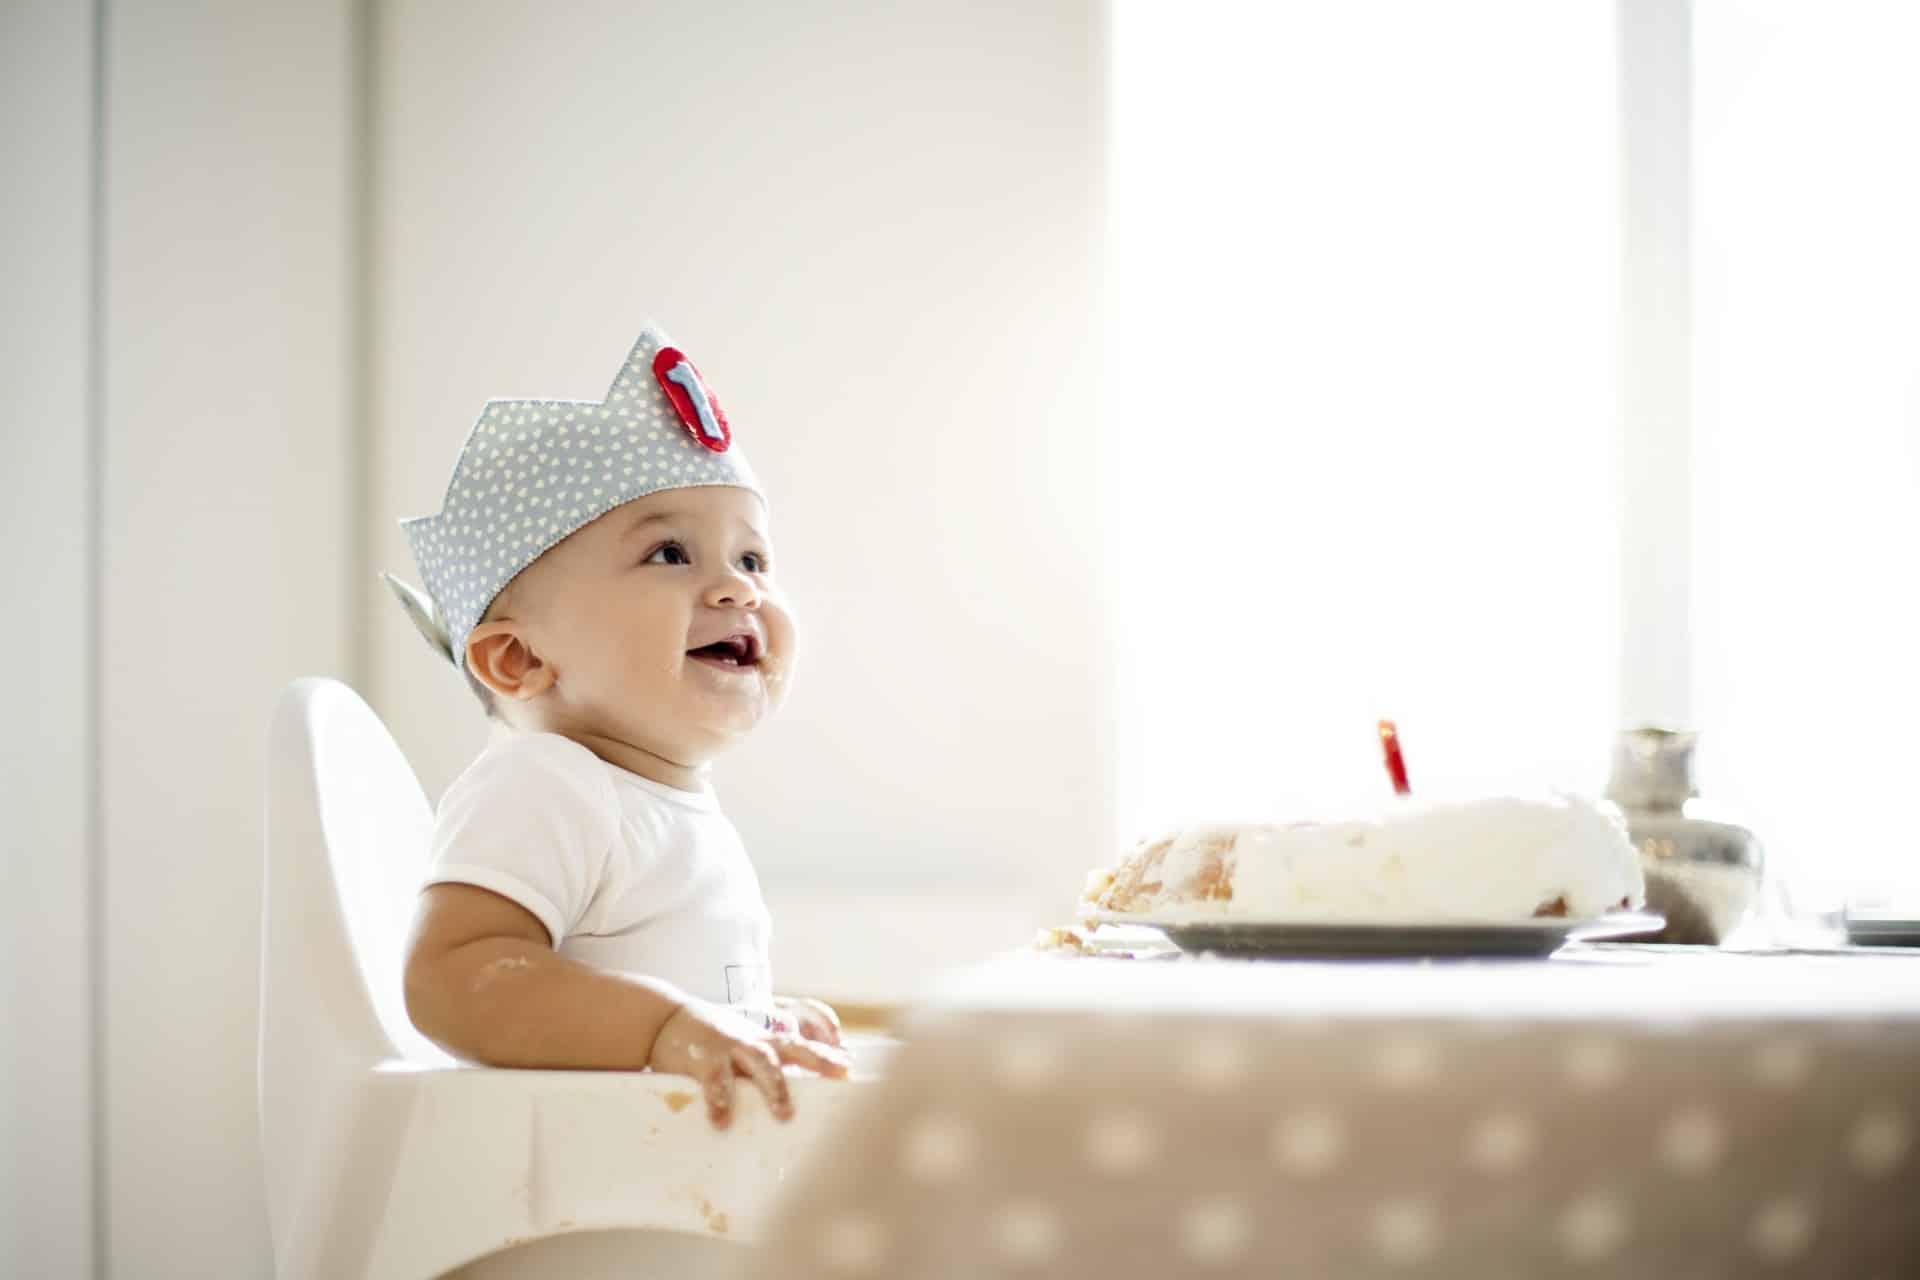 Eerste traktatie in de kinderopvang: wat doe je?